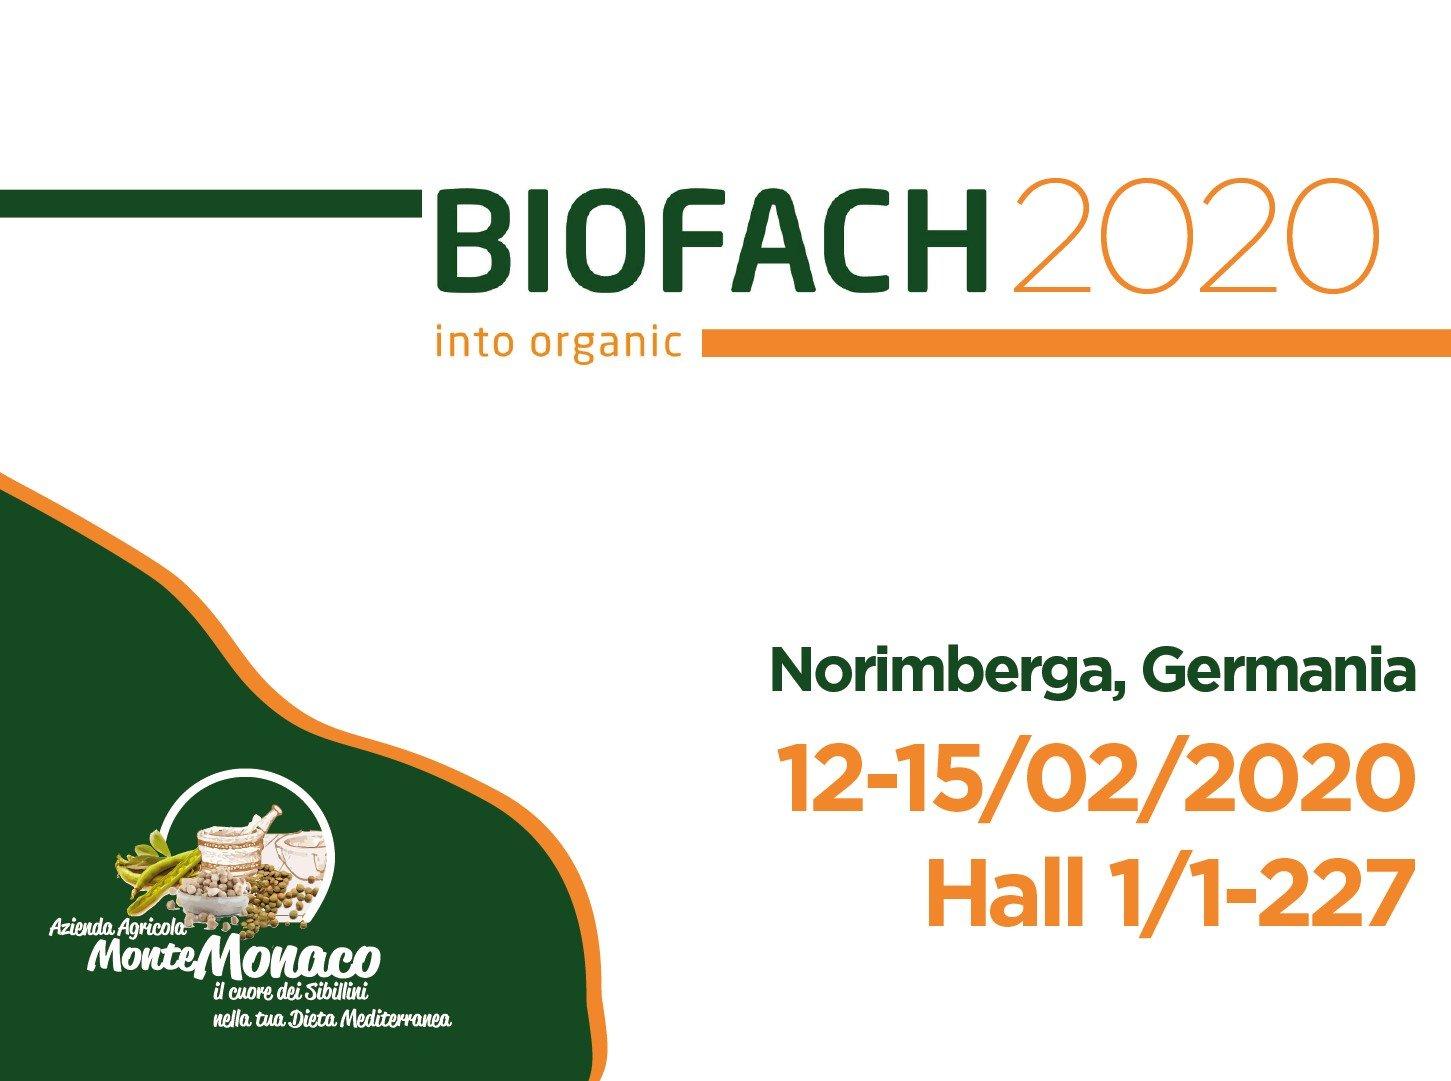 Azienda Agricola MonteMonaco presente al Biofach a Norimberga